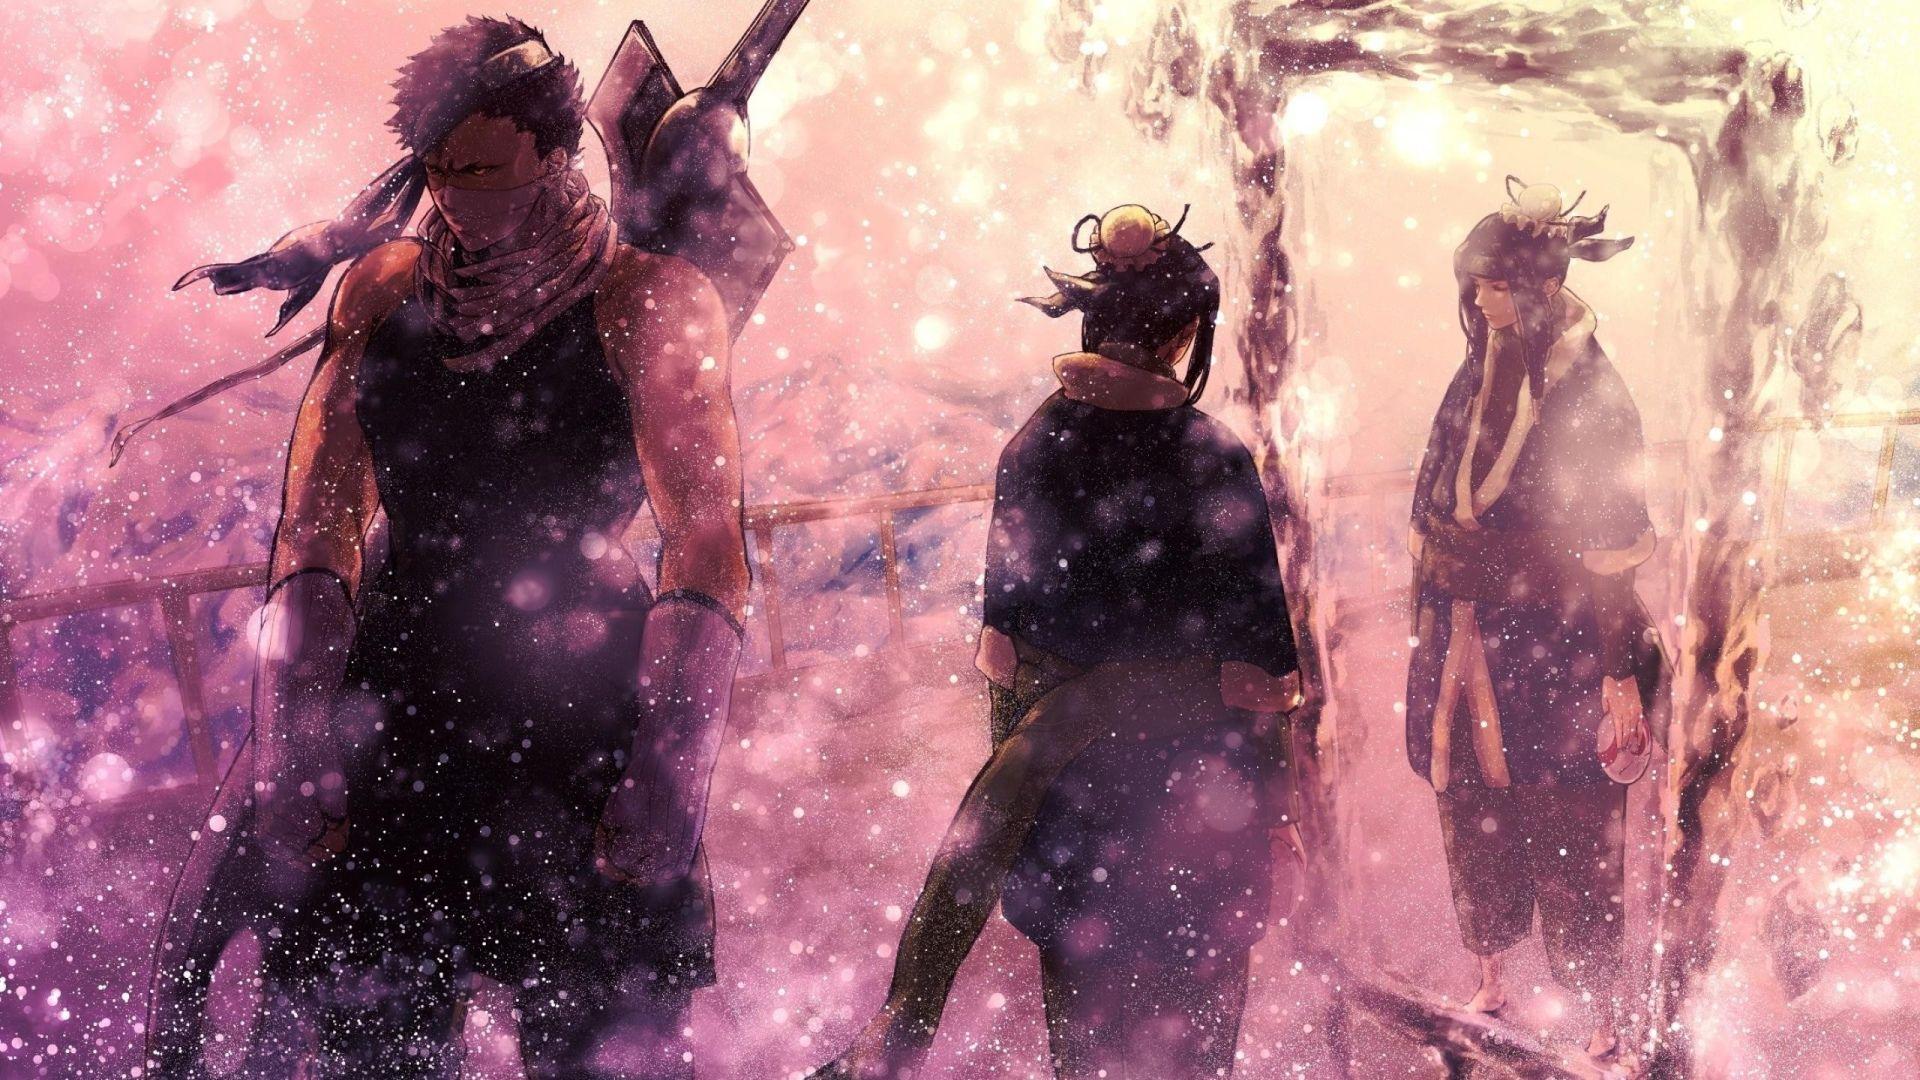 Anime Naruto Haku Naruto Zabuza Momochi Wallpaper Naruto Images Anime Naruto Naruto